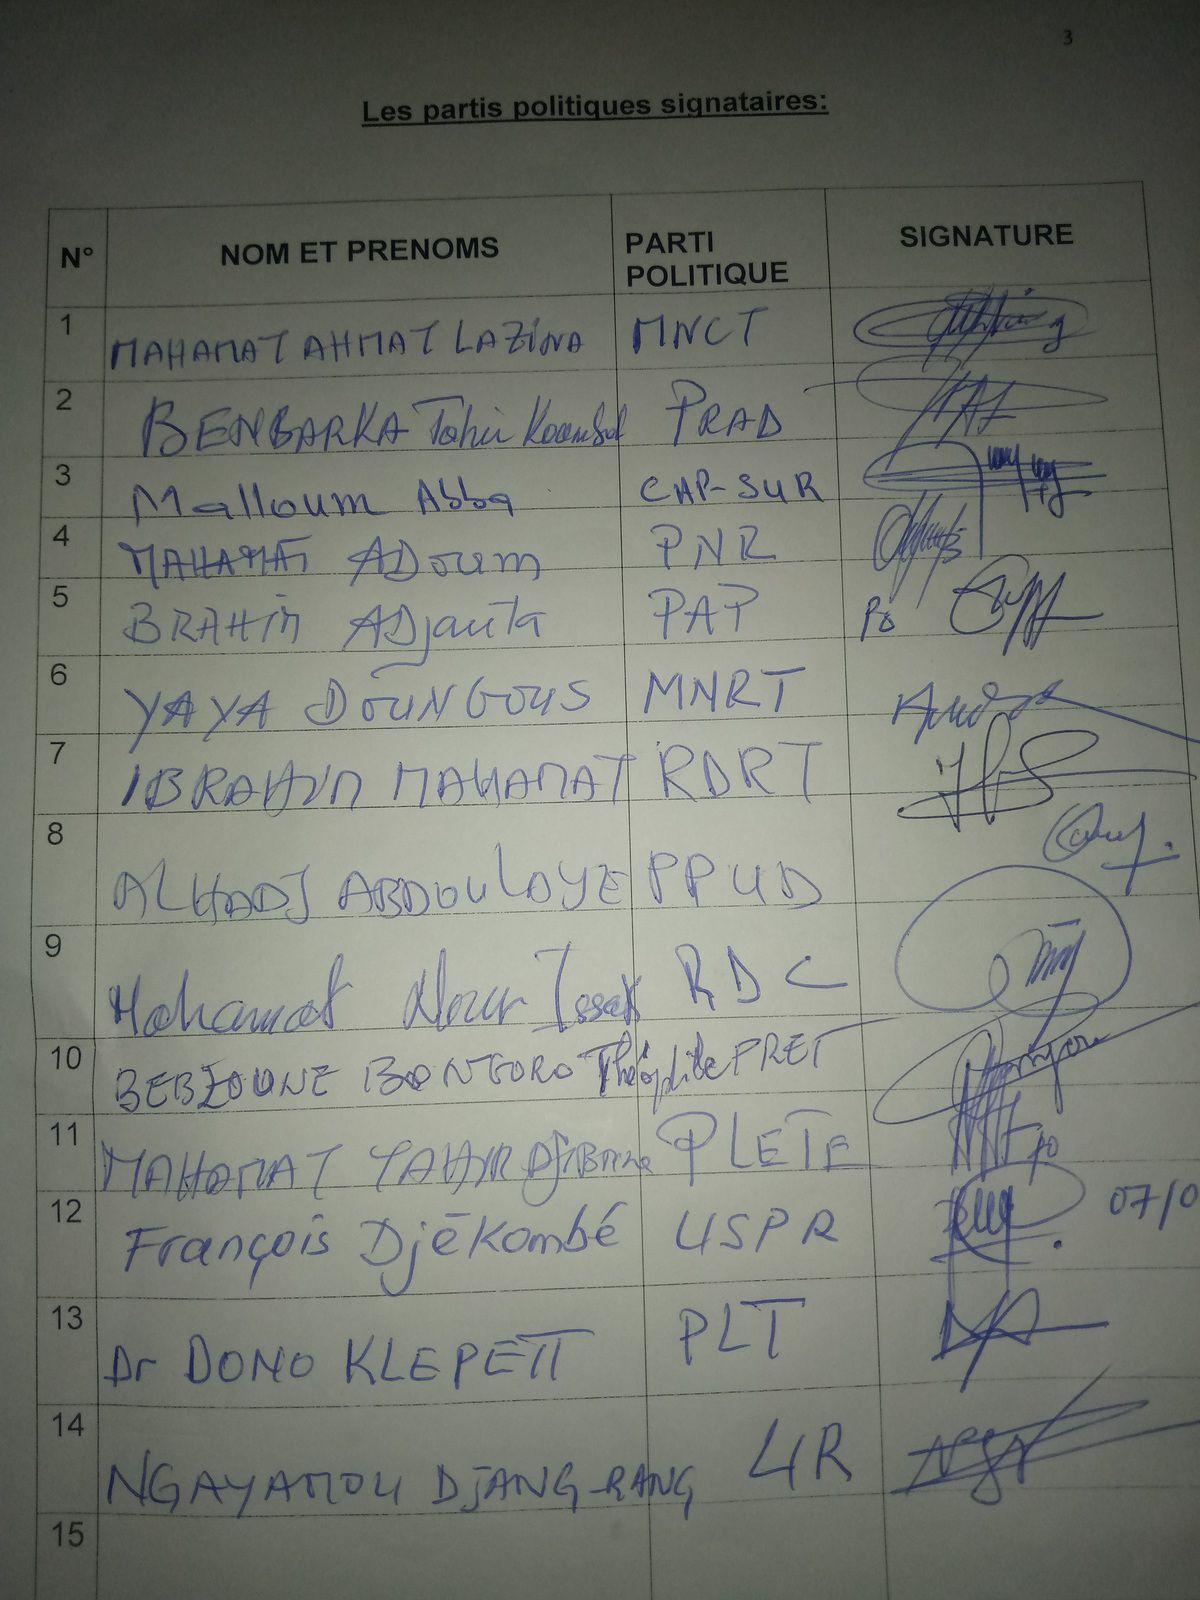 Lettre ouverte de l'opposition tchadienne à Idriss Deby au sujet du climat politique délétère et du processus électoral au Tchad